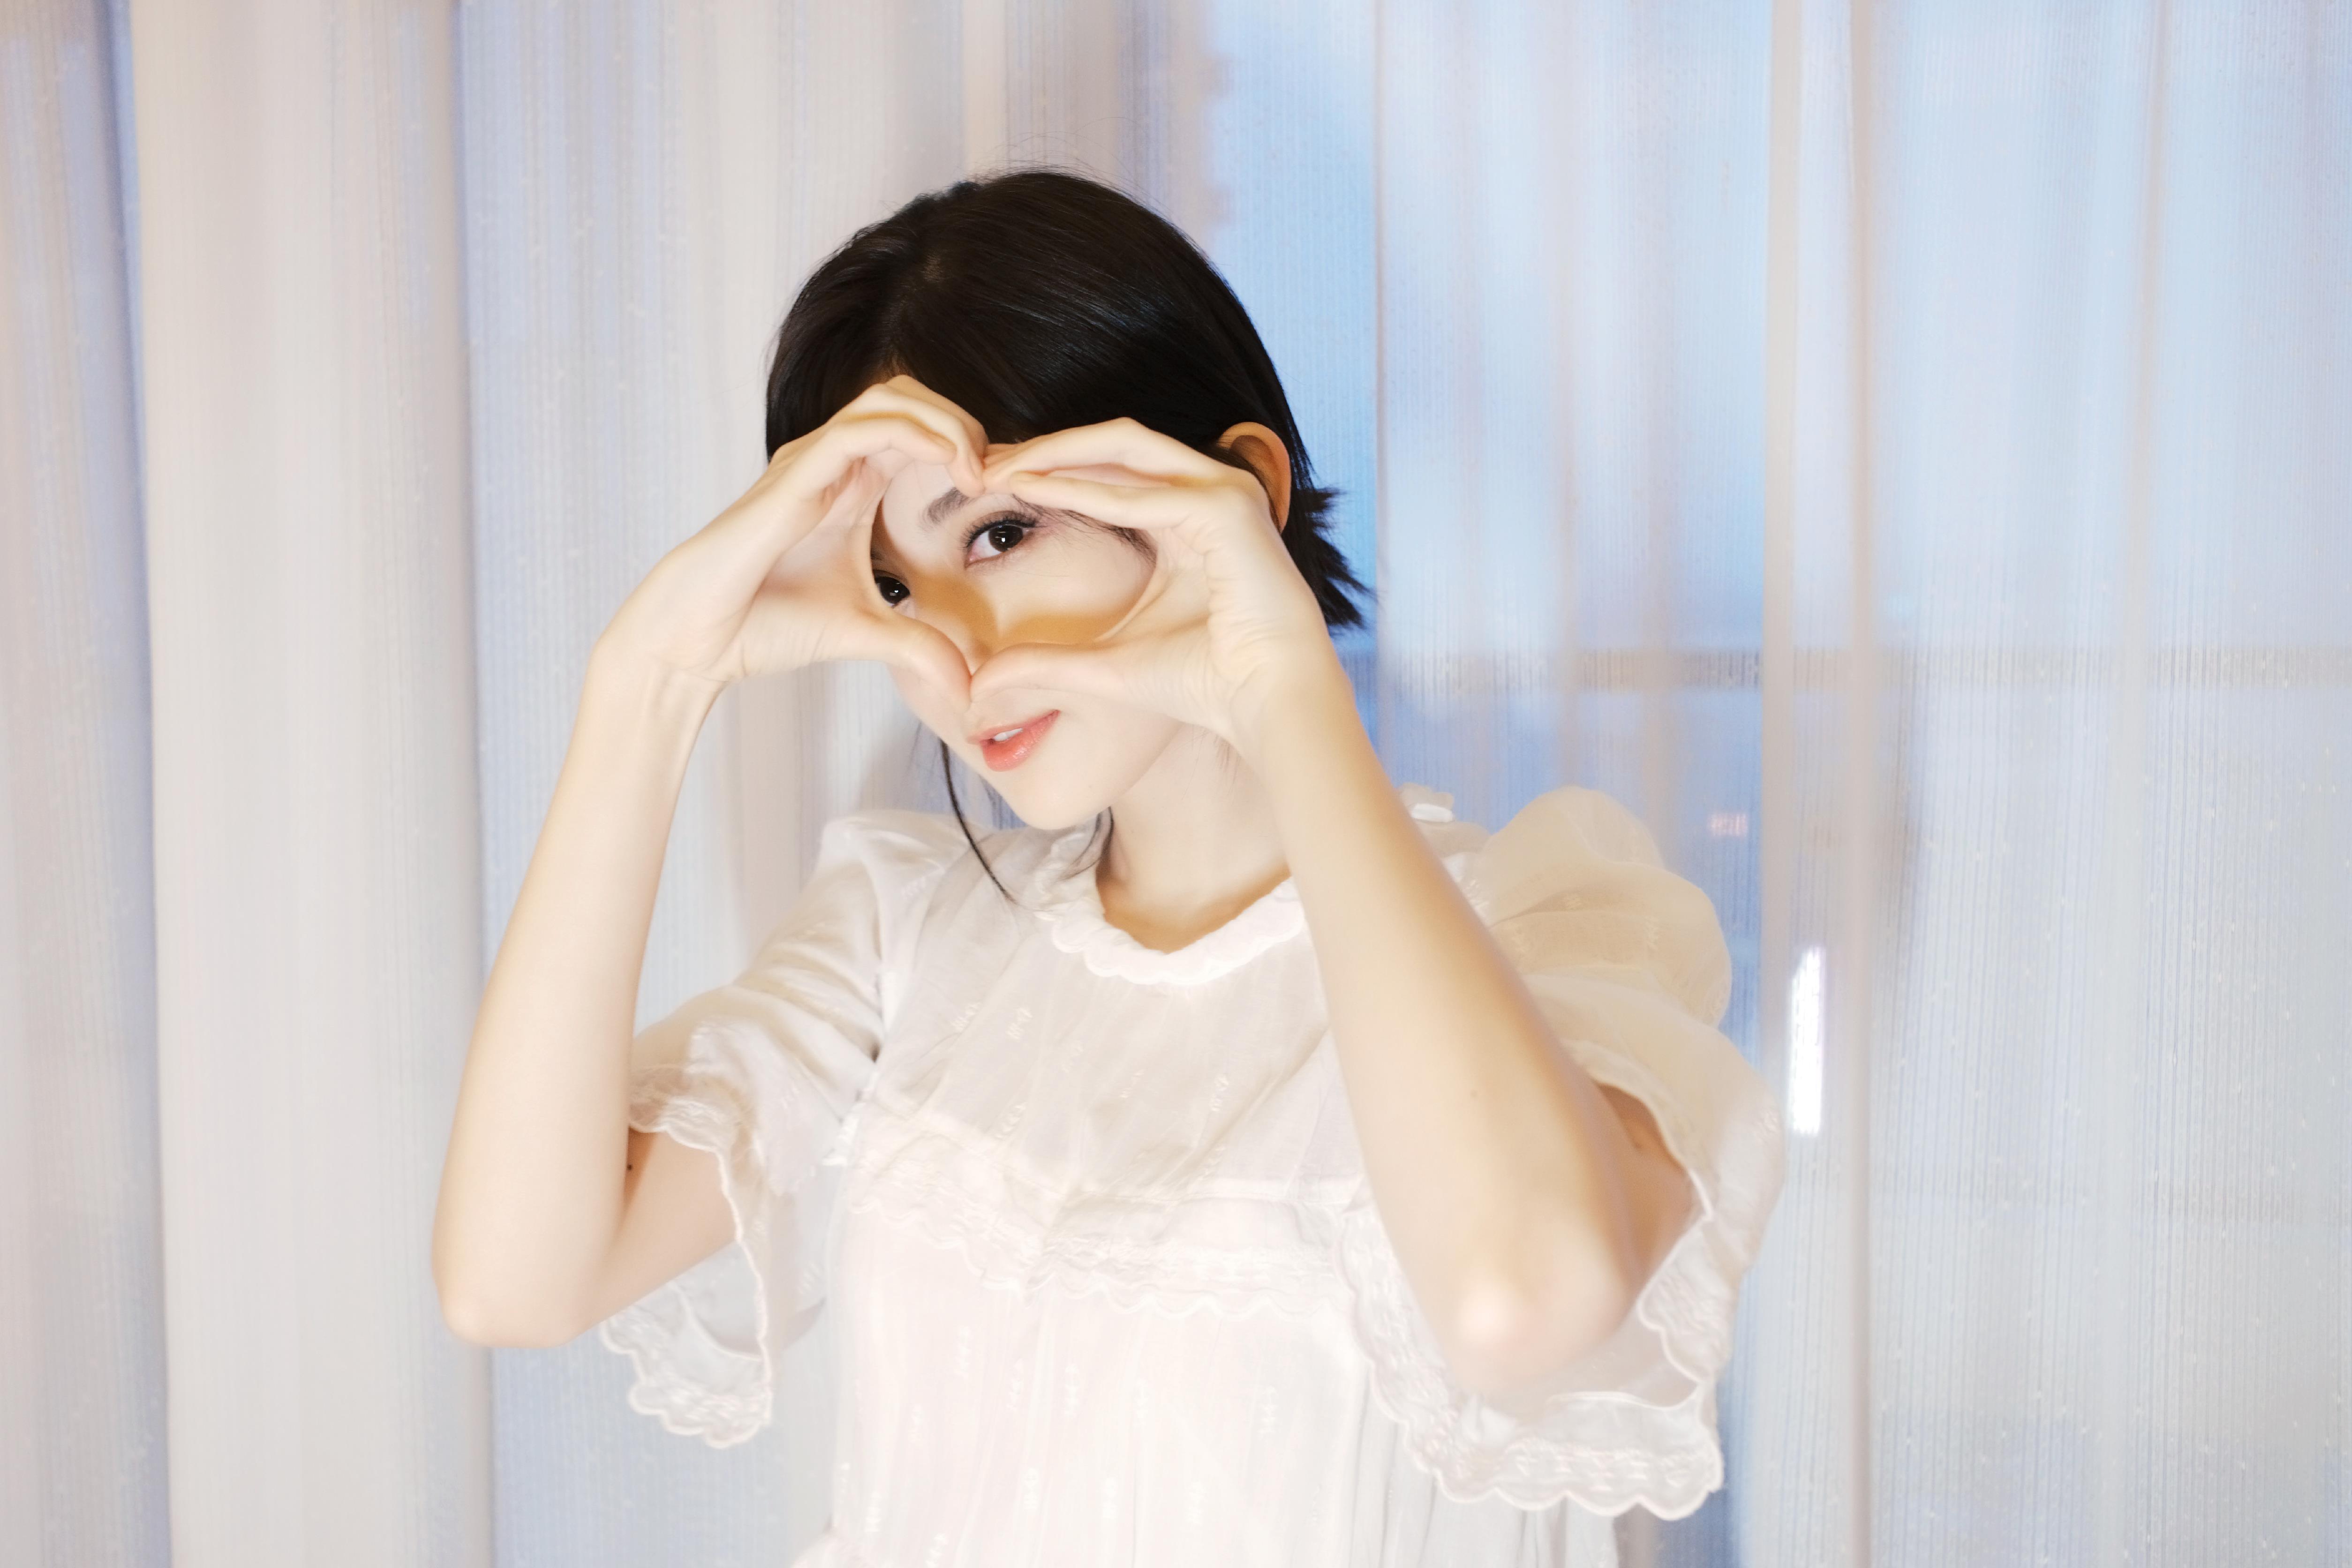 古力娜扎花式比心大眼电力十足 白衣黑发颇显清纯,